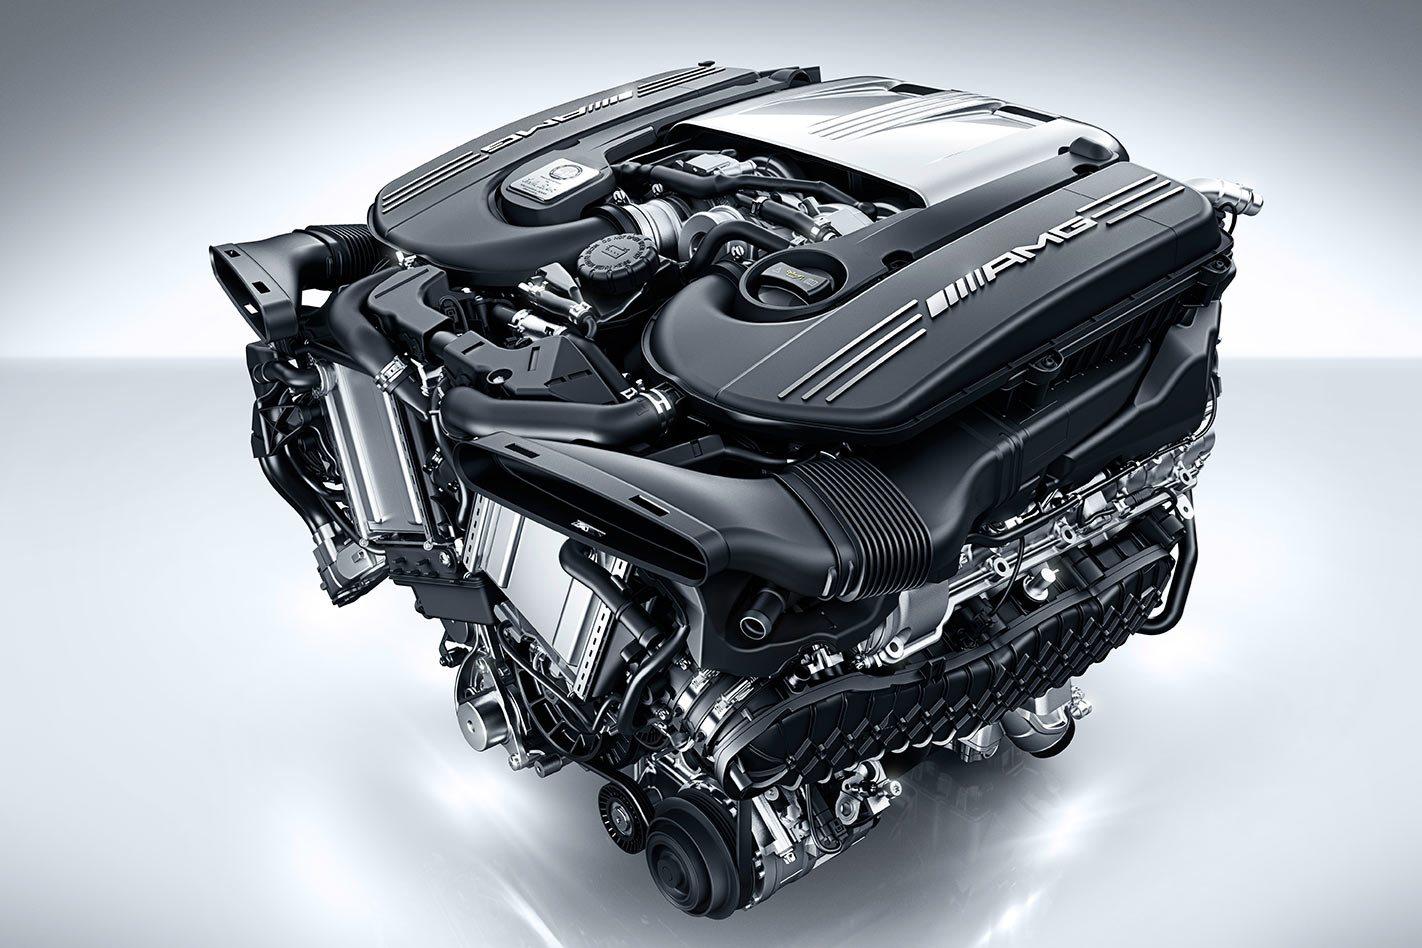 Mercedes-Benz AMG engine